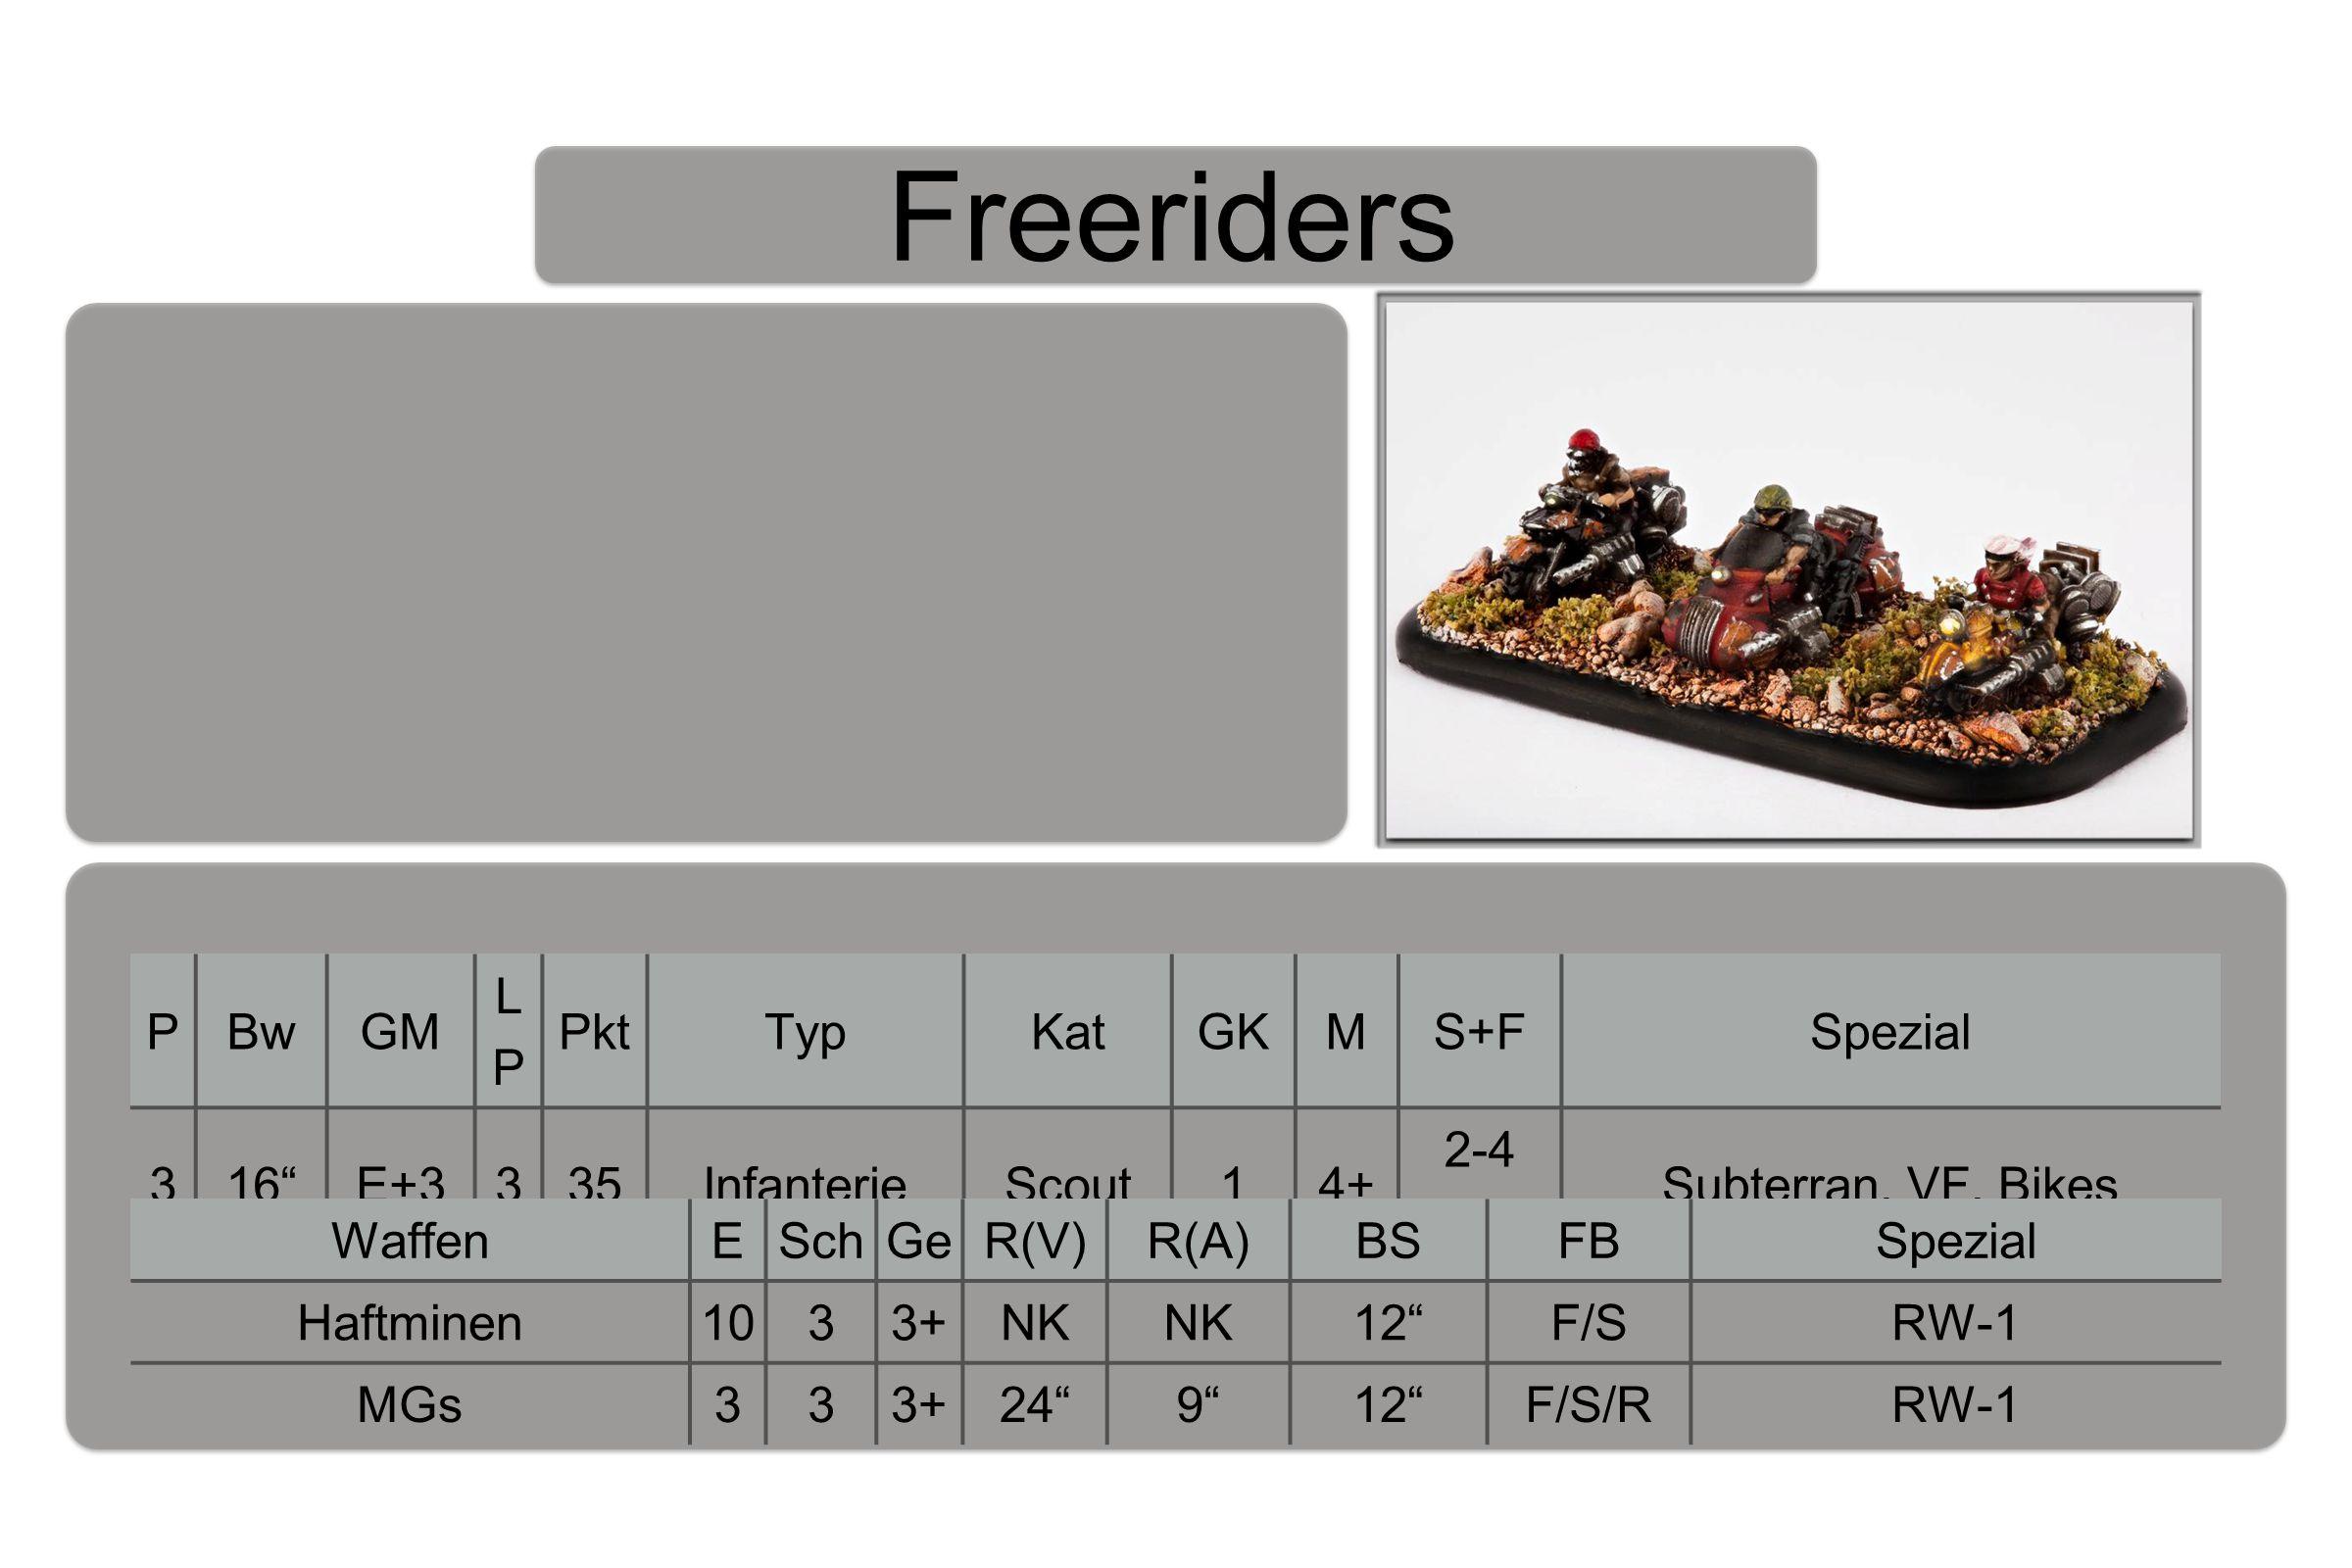 Freeriders PBwGM LPLP PktTypKatGKMS+FSpezial 316 E+3335InfanterieScout14+ 2-4 BaB Subterran, VF, Bikes WaffenESchGeR(V)R(A)BSFBSpezial Haftminen1033+NK 12 F/SRW-1 MGs333+24 9 12 F/S/RRW-1